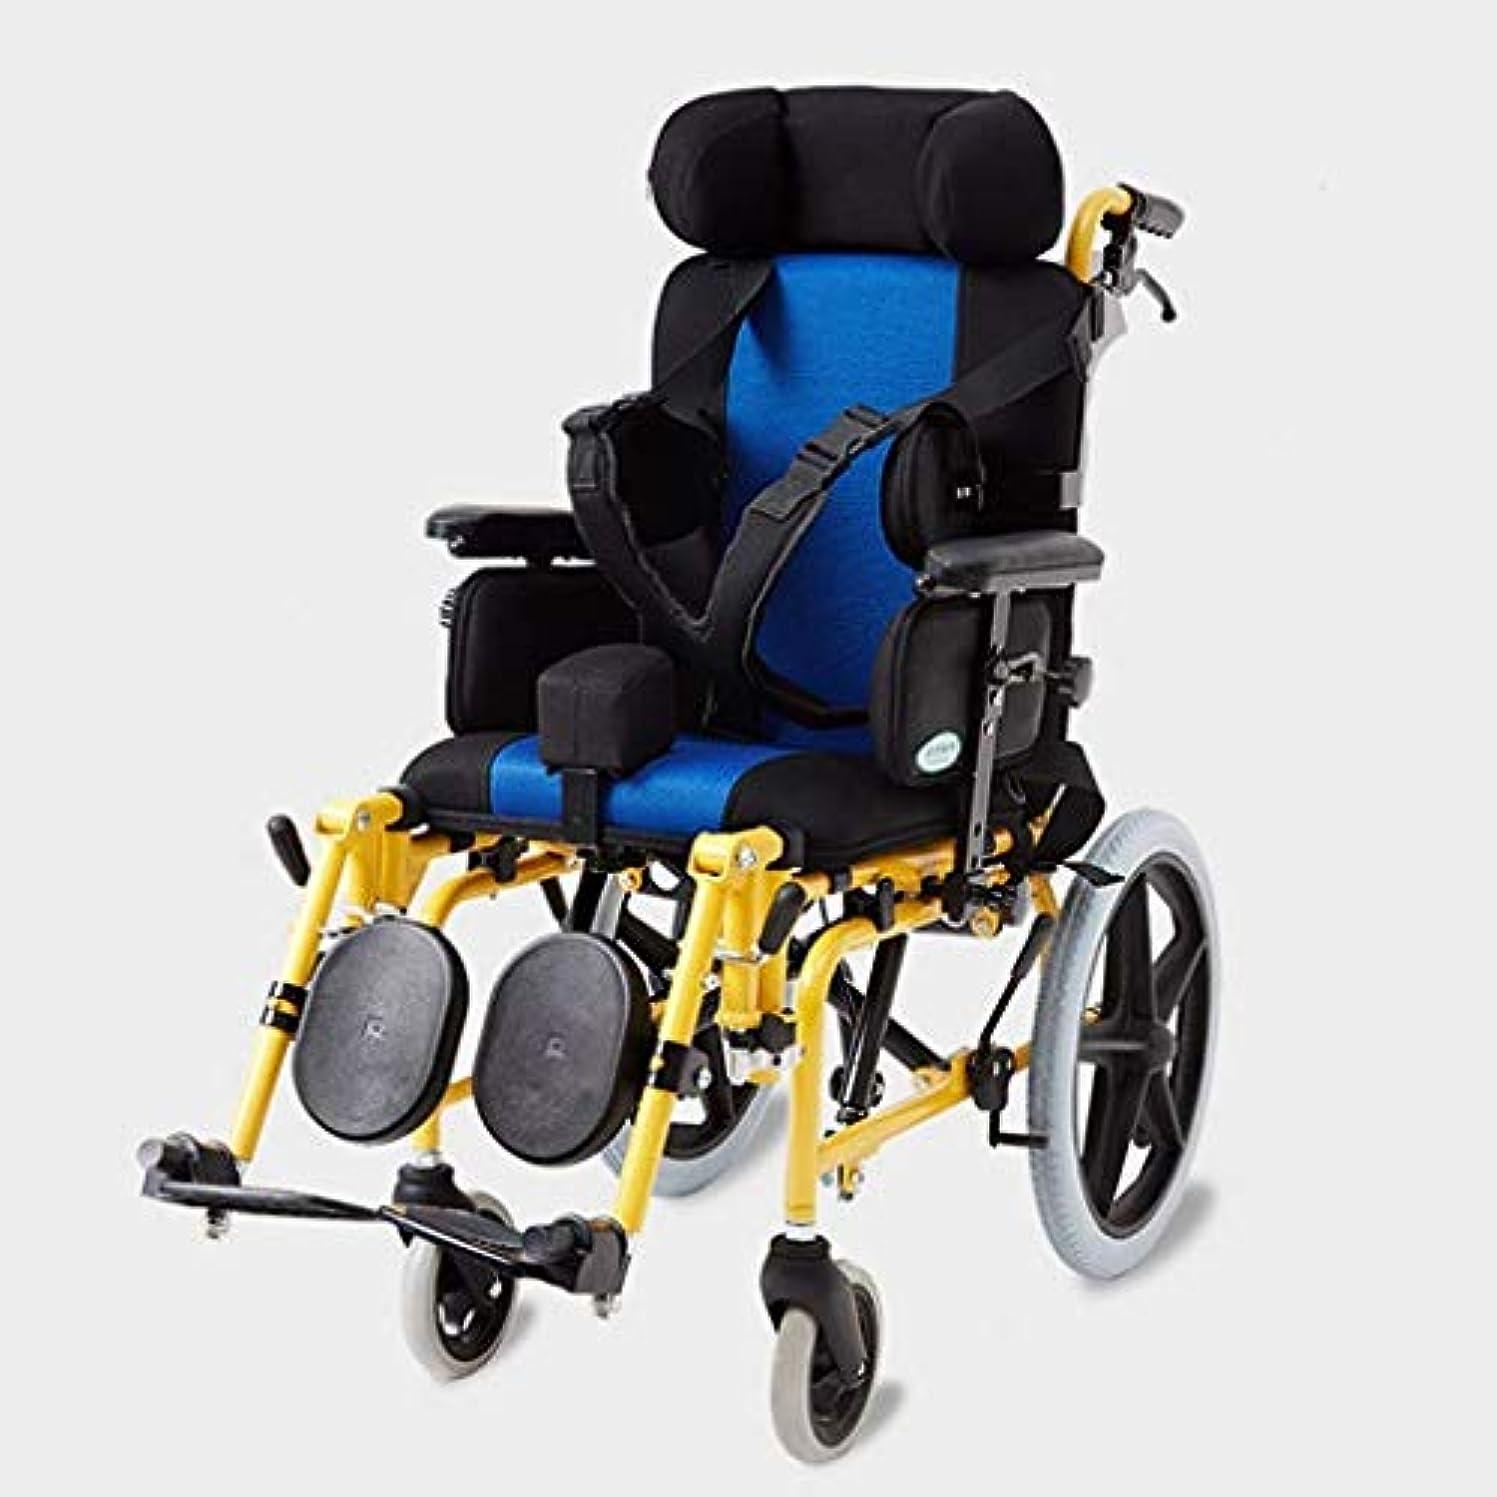 ドレイン準拠おいしい車いす多機能フル?レイ/セミ横たわっデザイン、マニュアル脳性麻痺、子供、軽量折りたたみ交通旅行自走式ウォーカー